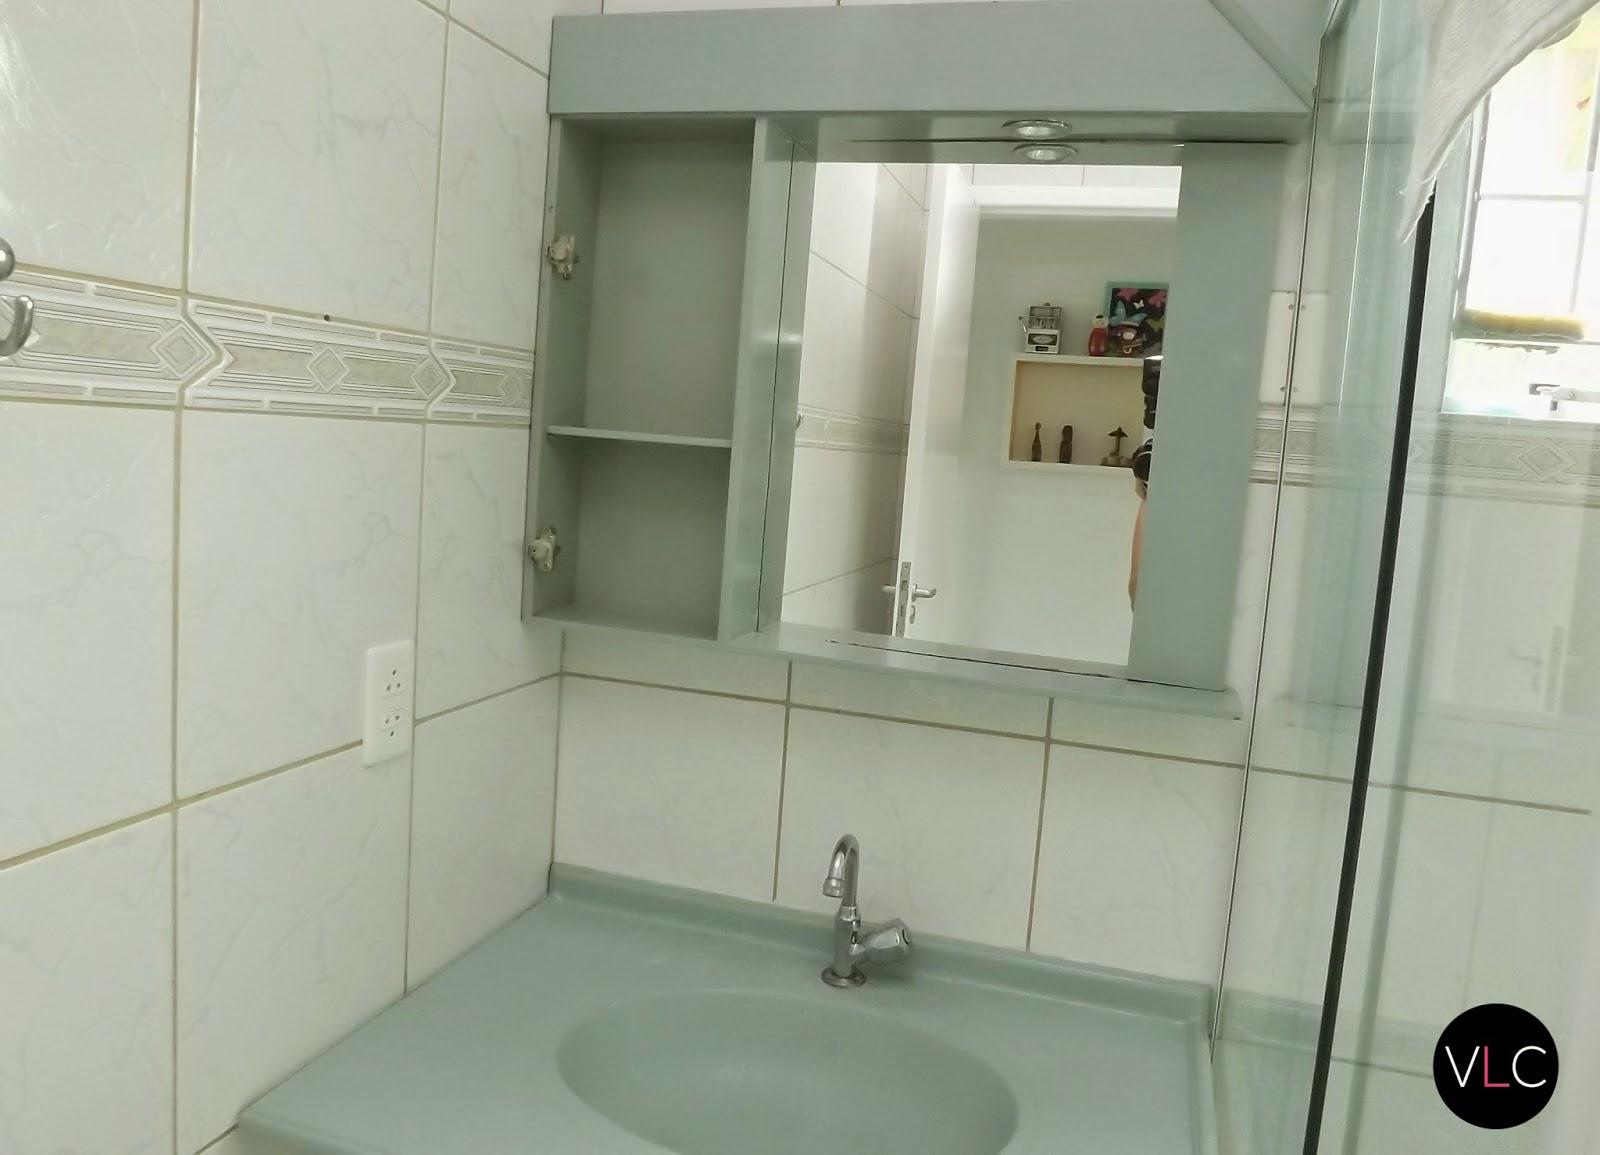 armário para combinar com o resto da nova decoração do banheiro  #614138 1600x1155 Banheiro Armario Com Espelho